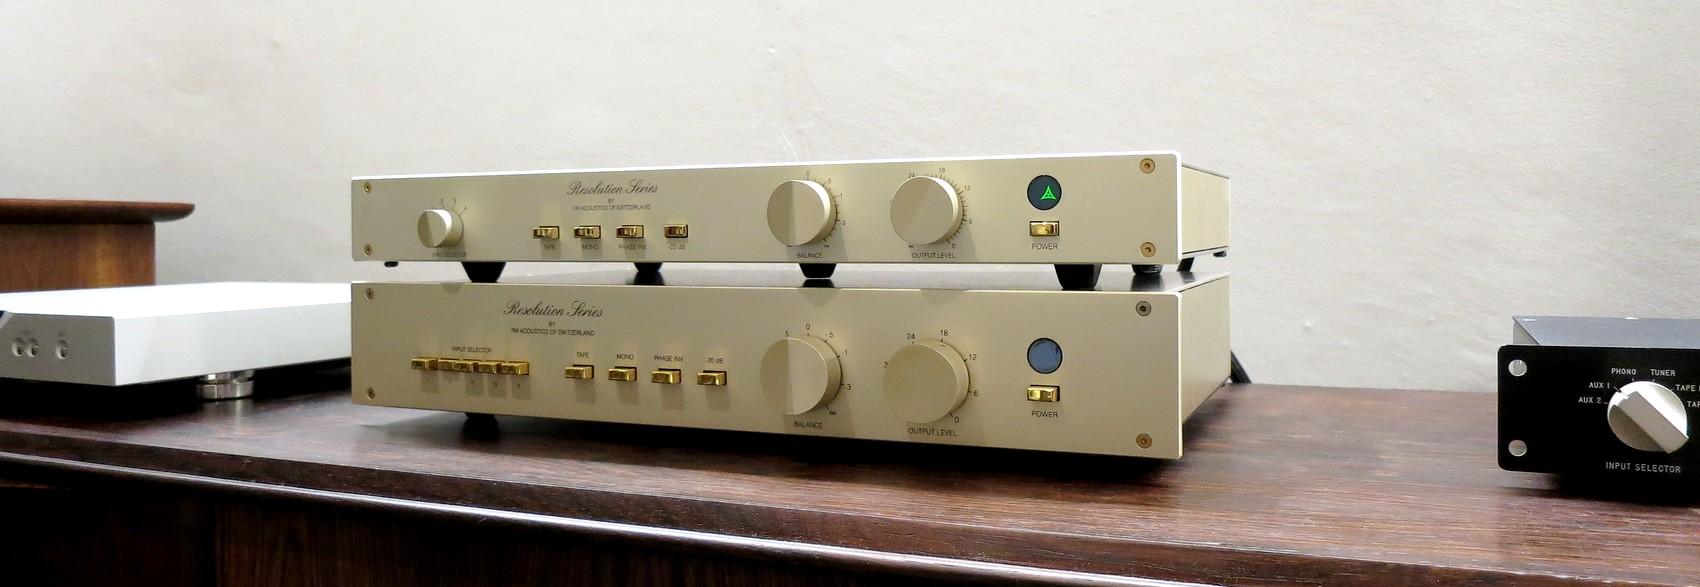 中古FMアコースティックス・プリアンプ FM Acoustics FM245とFM255